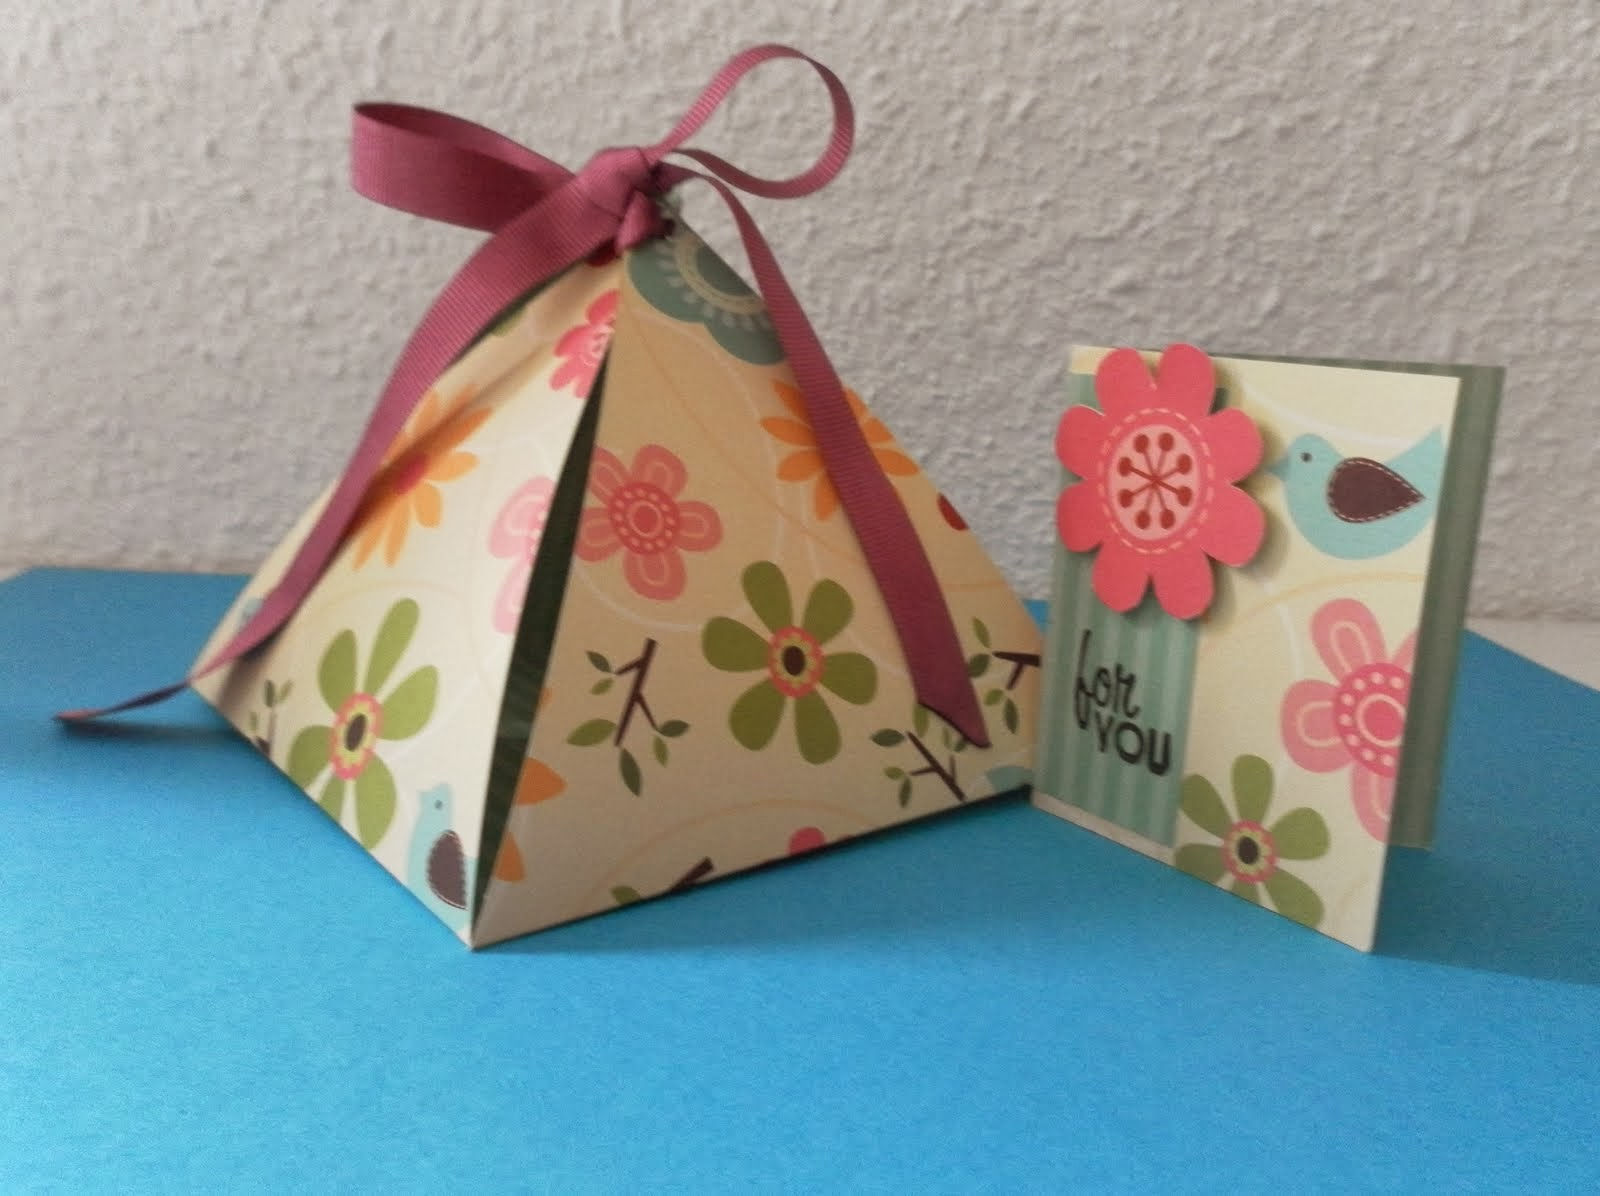 Ingeniando como hacer una caja de regalo en forma de piramide for Como hacer cajas de carton para regalo